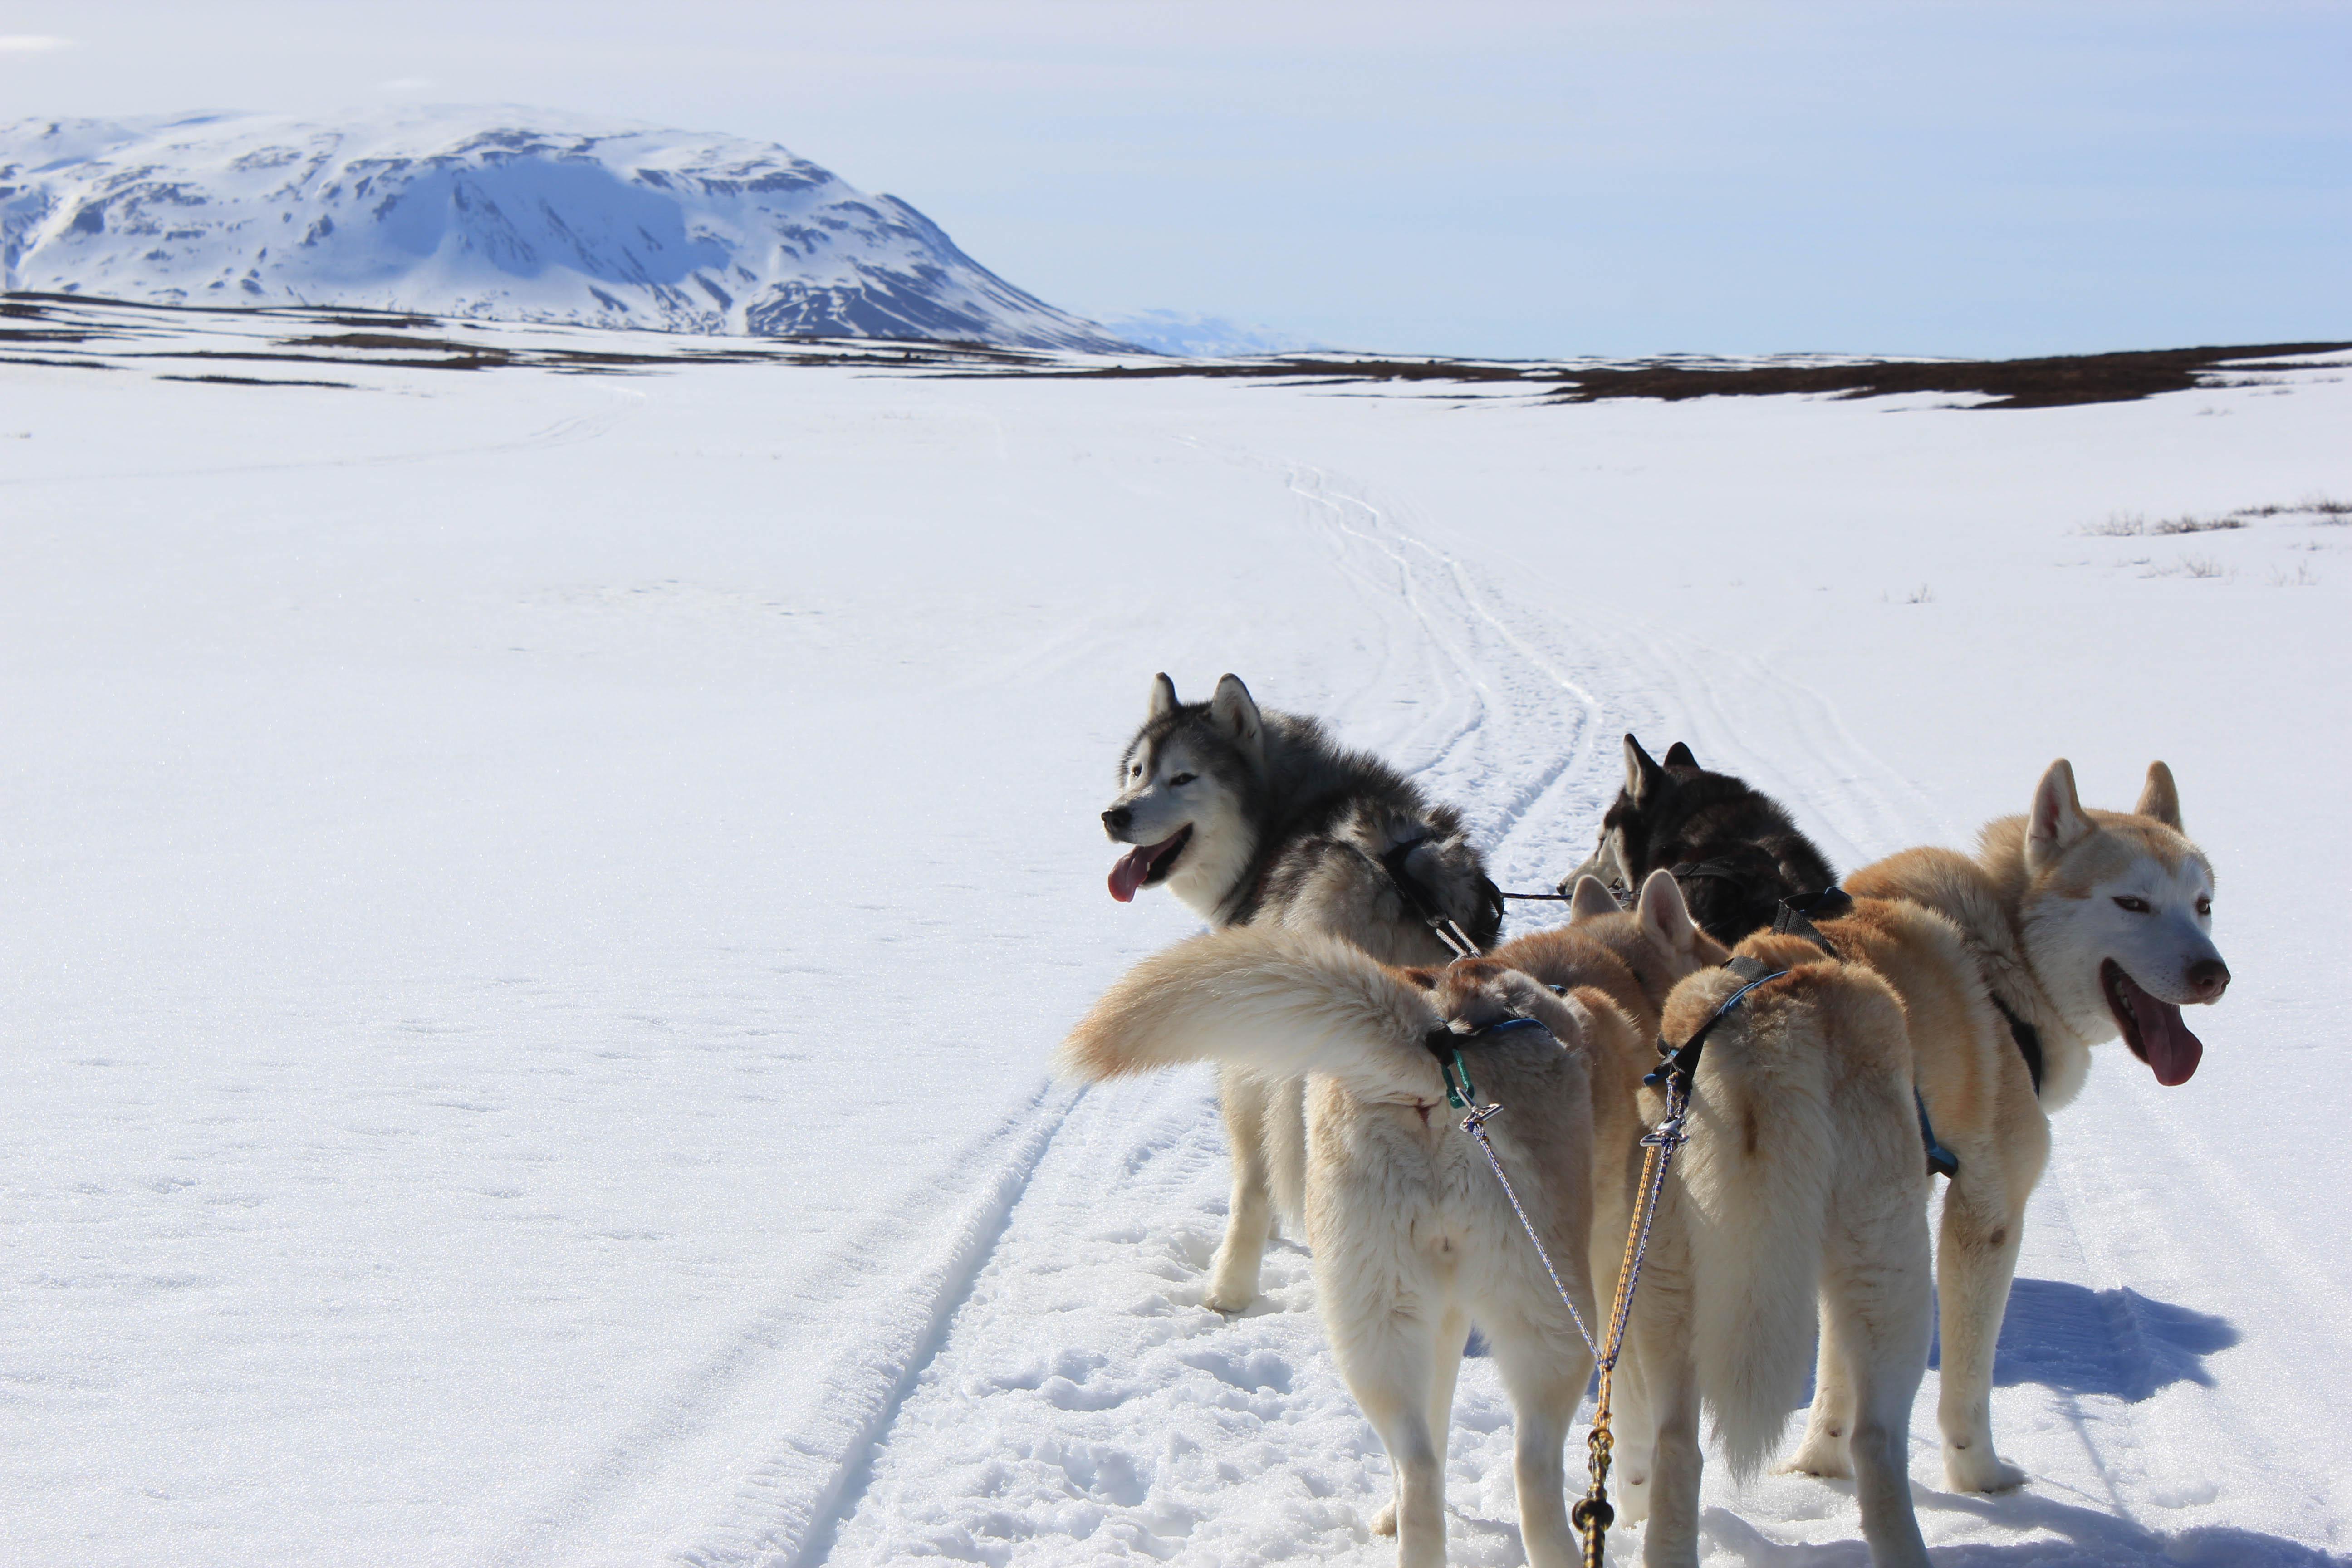 Turen med siberian huskies är perfekt för dig som älskar djur, äventyr och spektakulär natur.